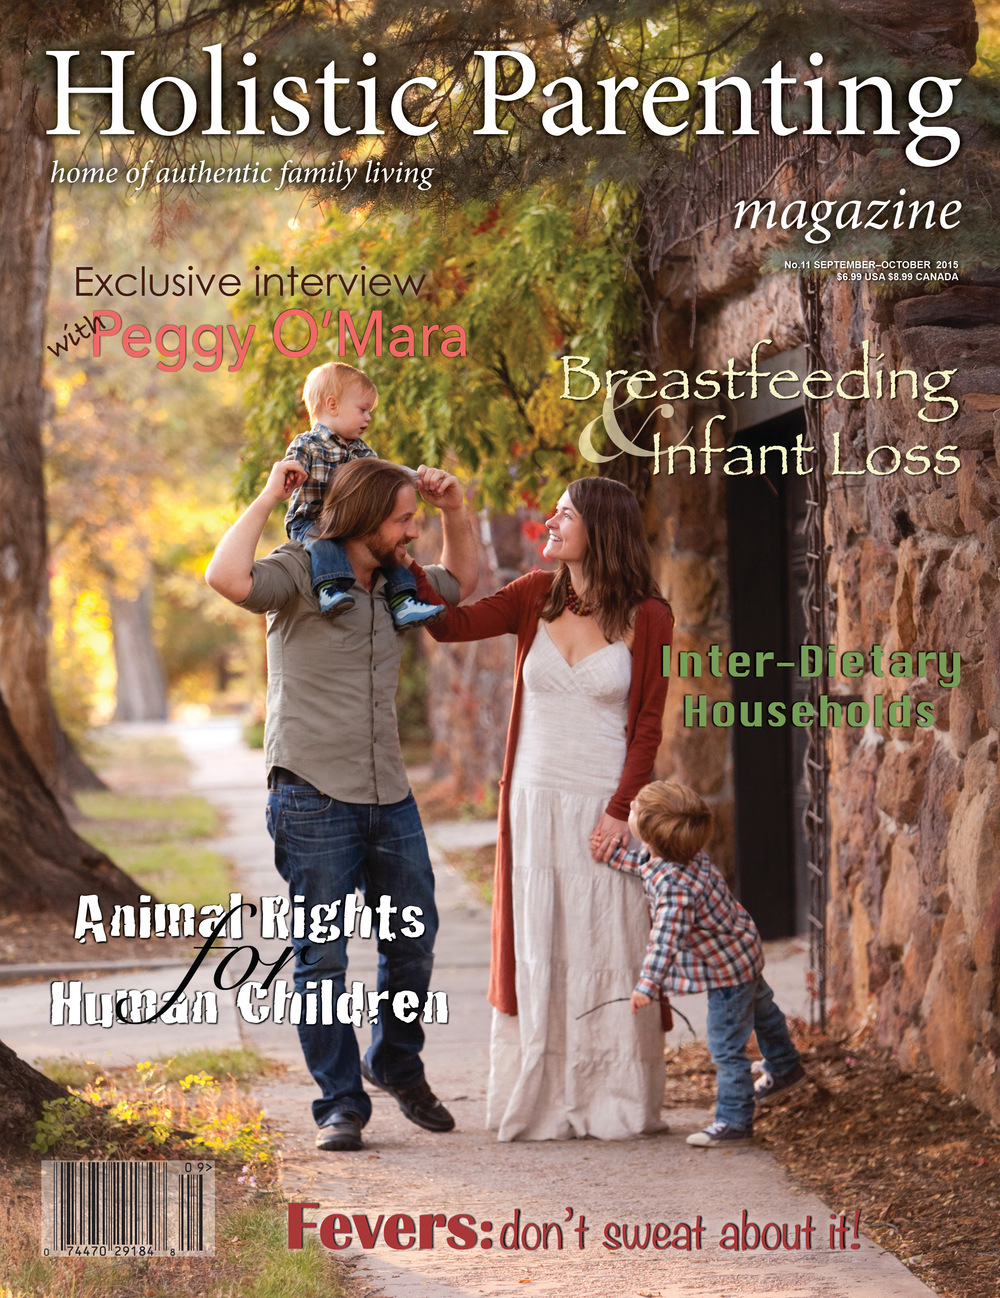 holisticparentingmagazine.com